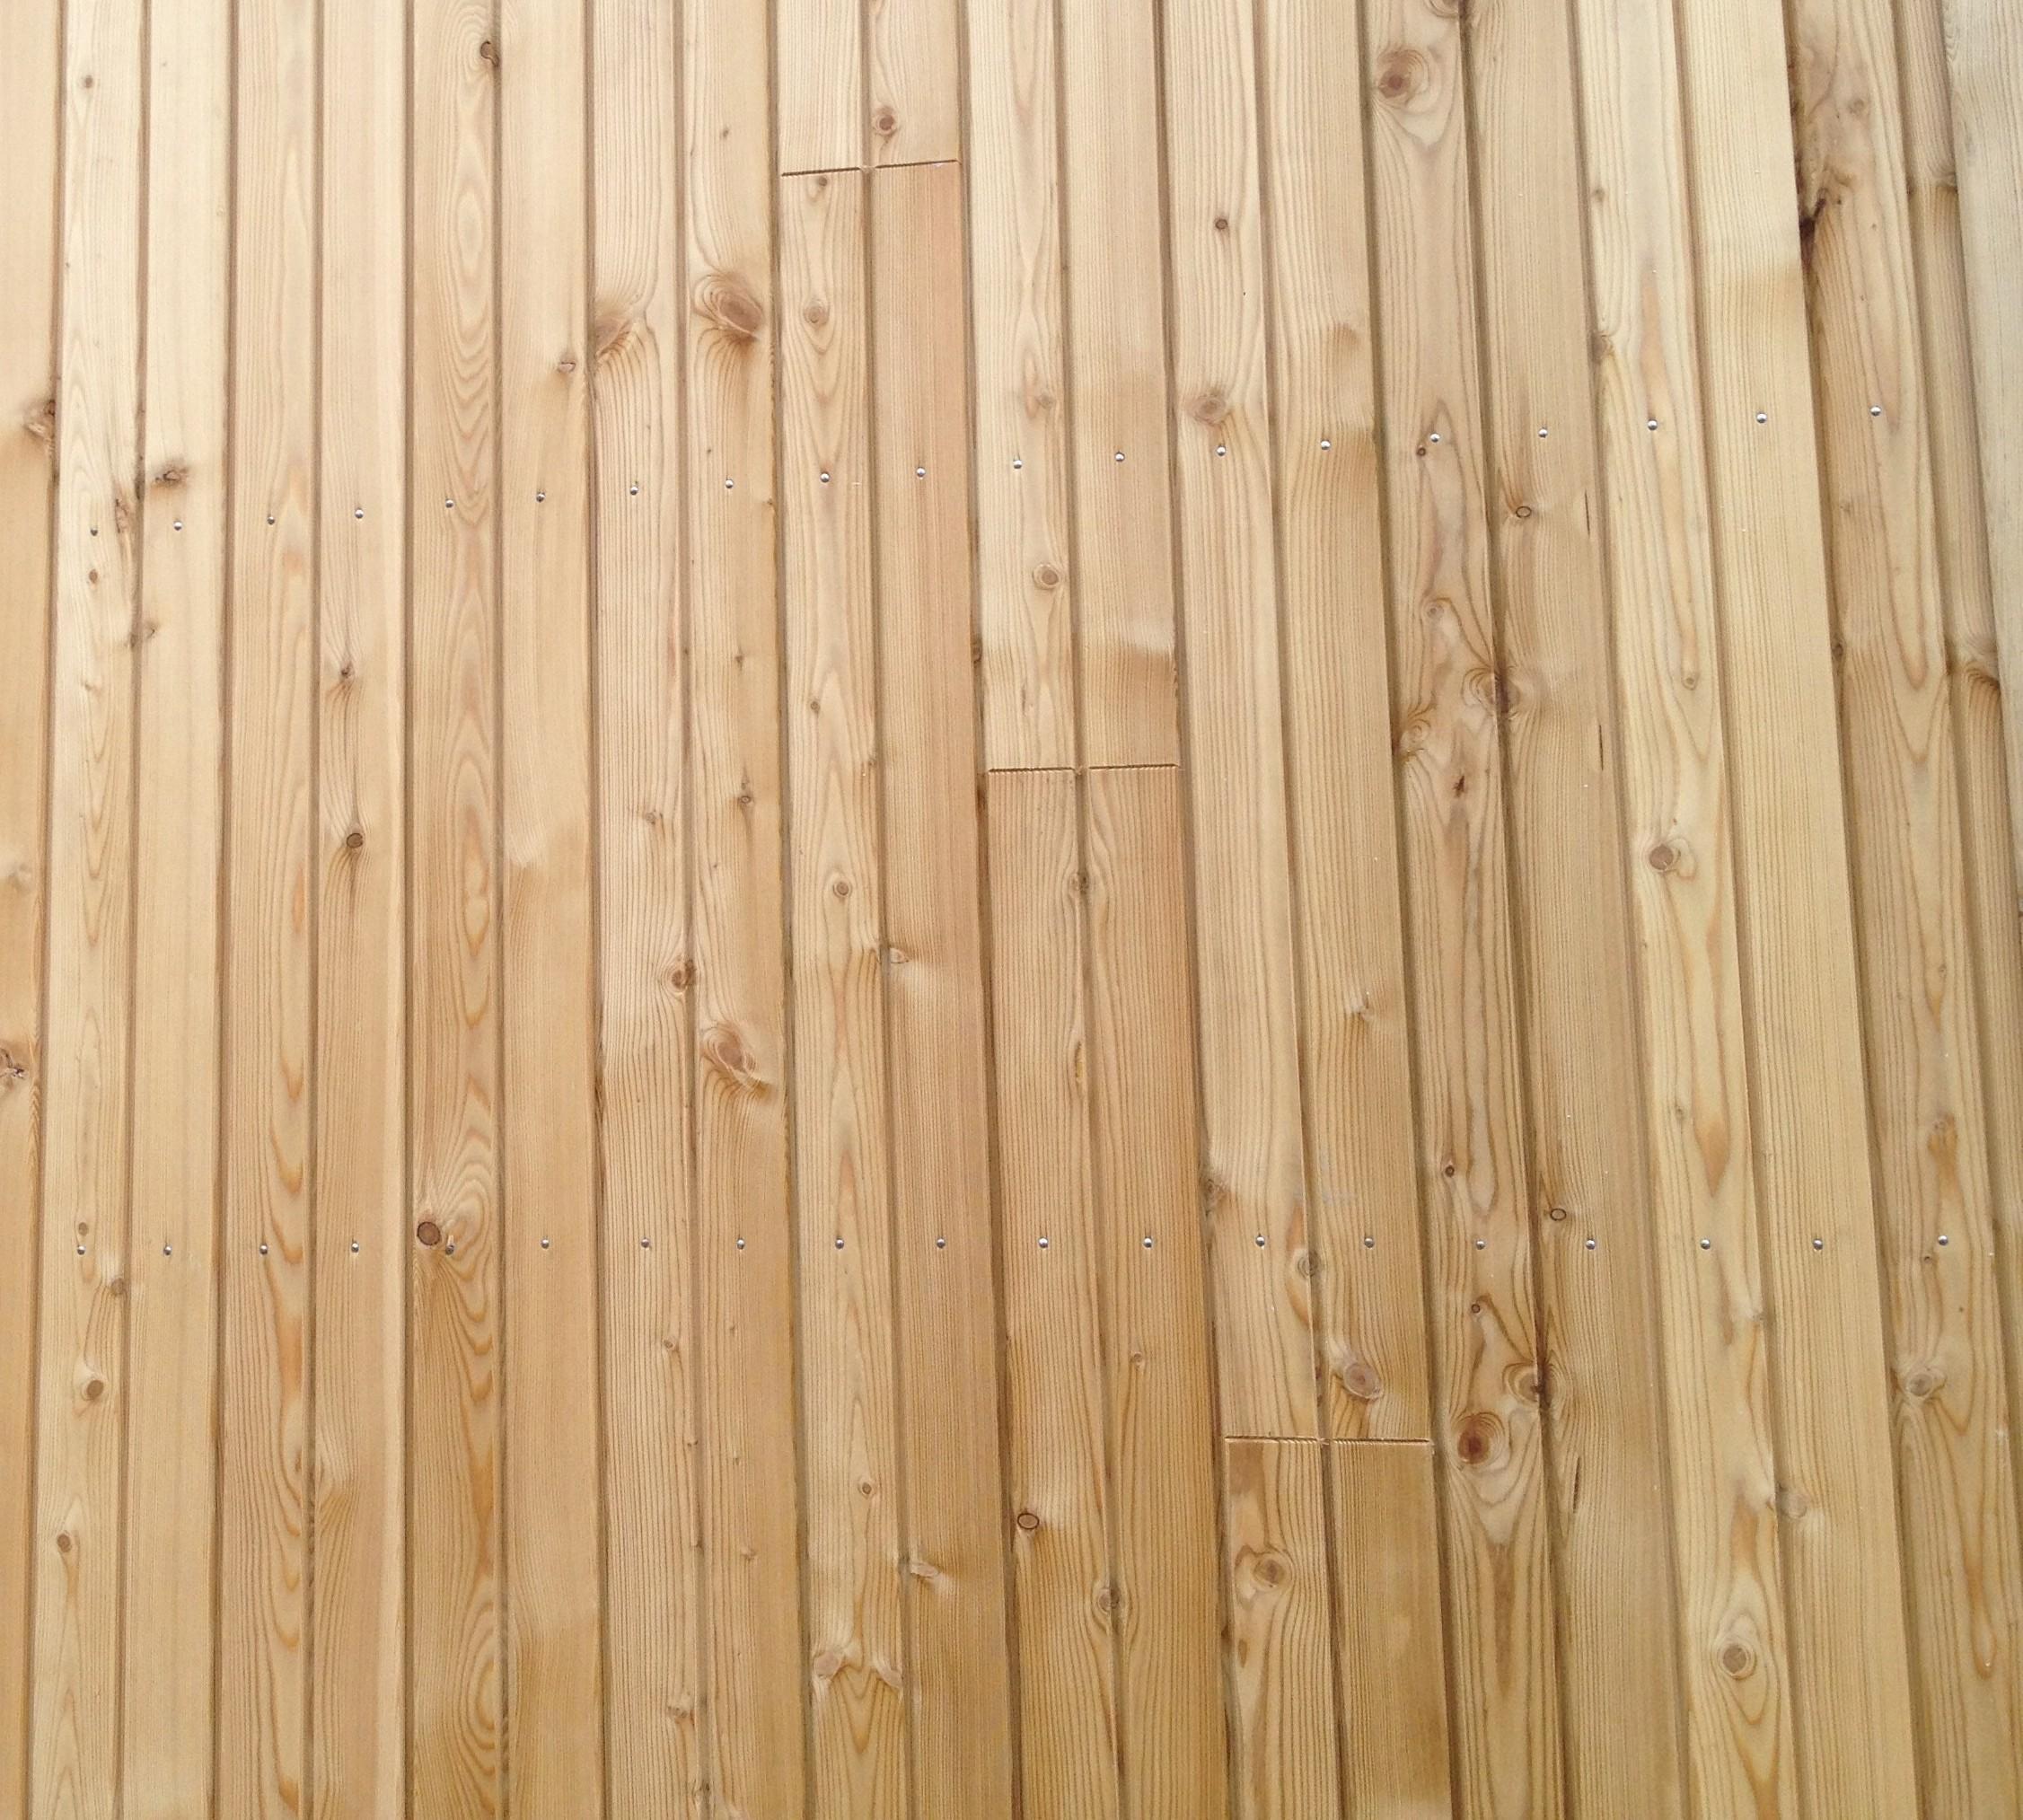 Lames De Bardage Bois Pas Cher bardage mélèze élégie ab 21 x 135 mm longueur 5,70 ml 5 lames / paquet  palette 315 lames 99 henry timber